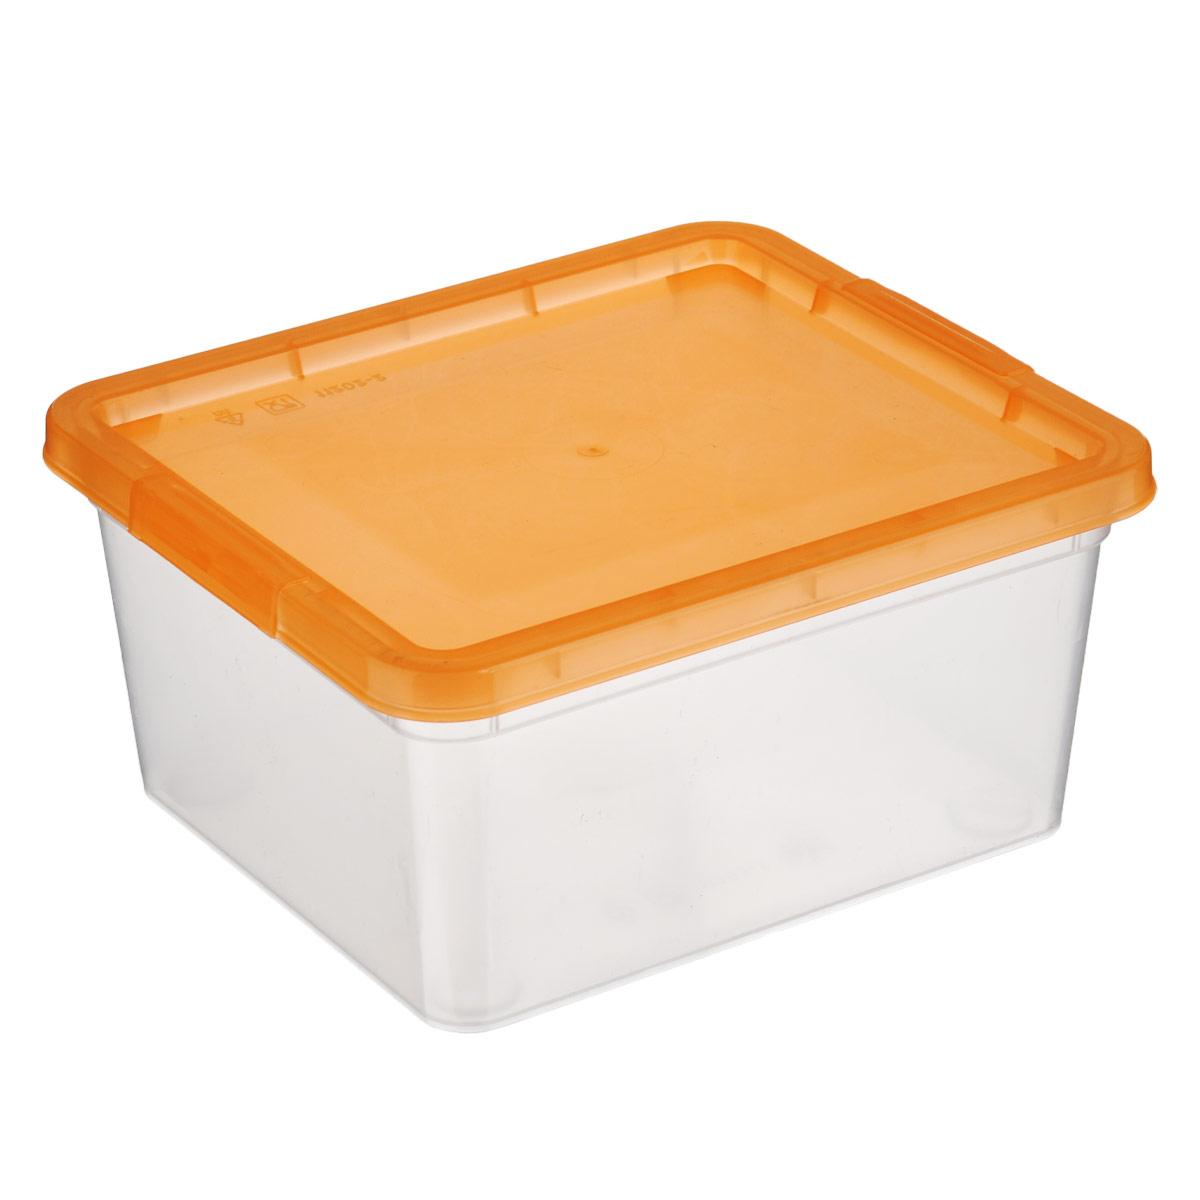 Коробка для мелочей Полимербыт, цвет: оранжевый, 1,9 лRG-D31SКоробка для мелочей Полимербыт изготовлена из прочного пластика. Стенки изделия прозрачные, что позволяет видеть содержимое. Цветная полупрозрачная крышка плотно закрывается и легко открывается. Коробка идеально подходит для хранения различных мелких бытовых предметов, таких как канцелярские принадлежности, аксессуары для рукоделия и т.д. Такая коробка сохранит все мелкие предметы в одном месте и поможет поддерживать в доме порядок.